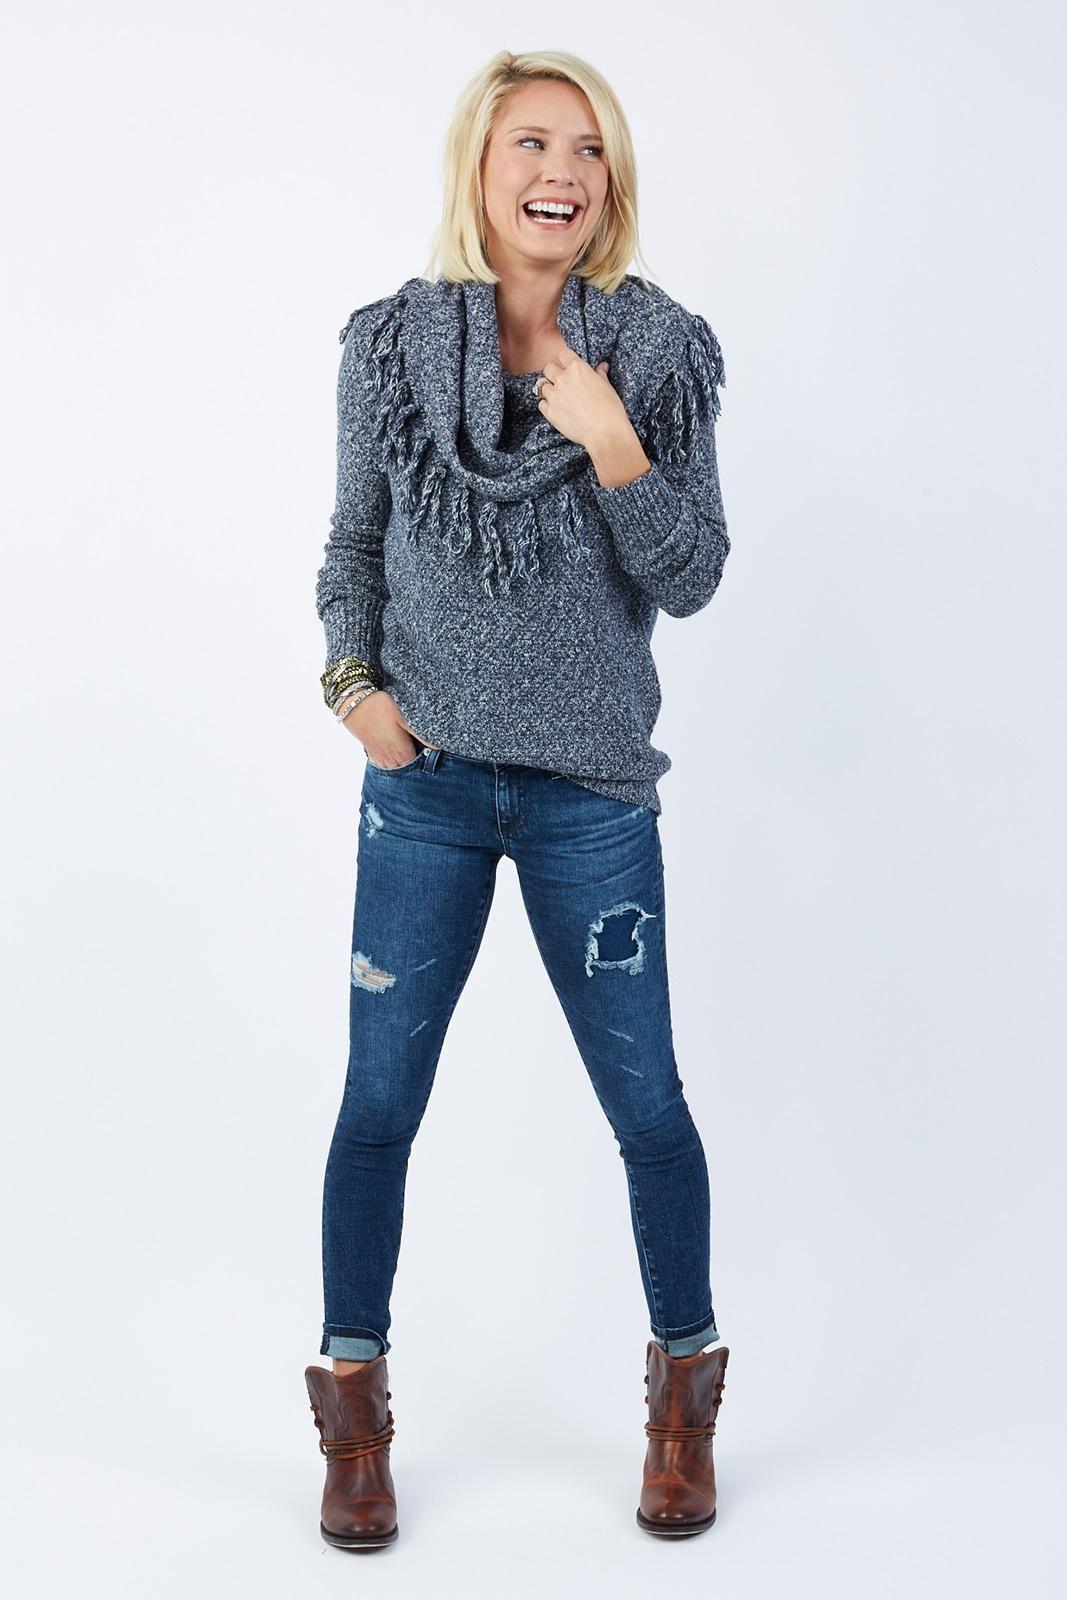 Fringe Cowl Neck Sweater by BRAEVE - EVEREVE | Fashion: Evereve ...